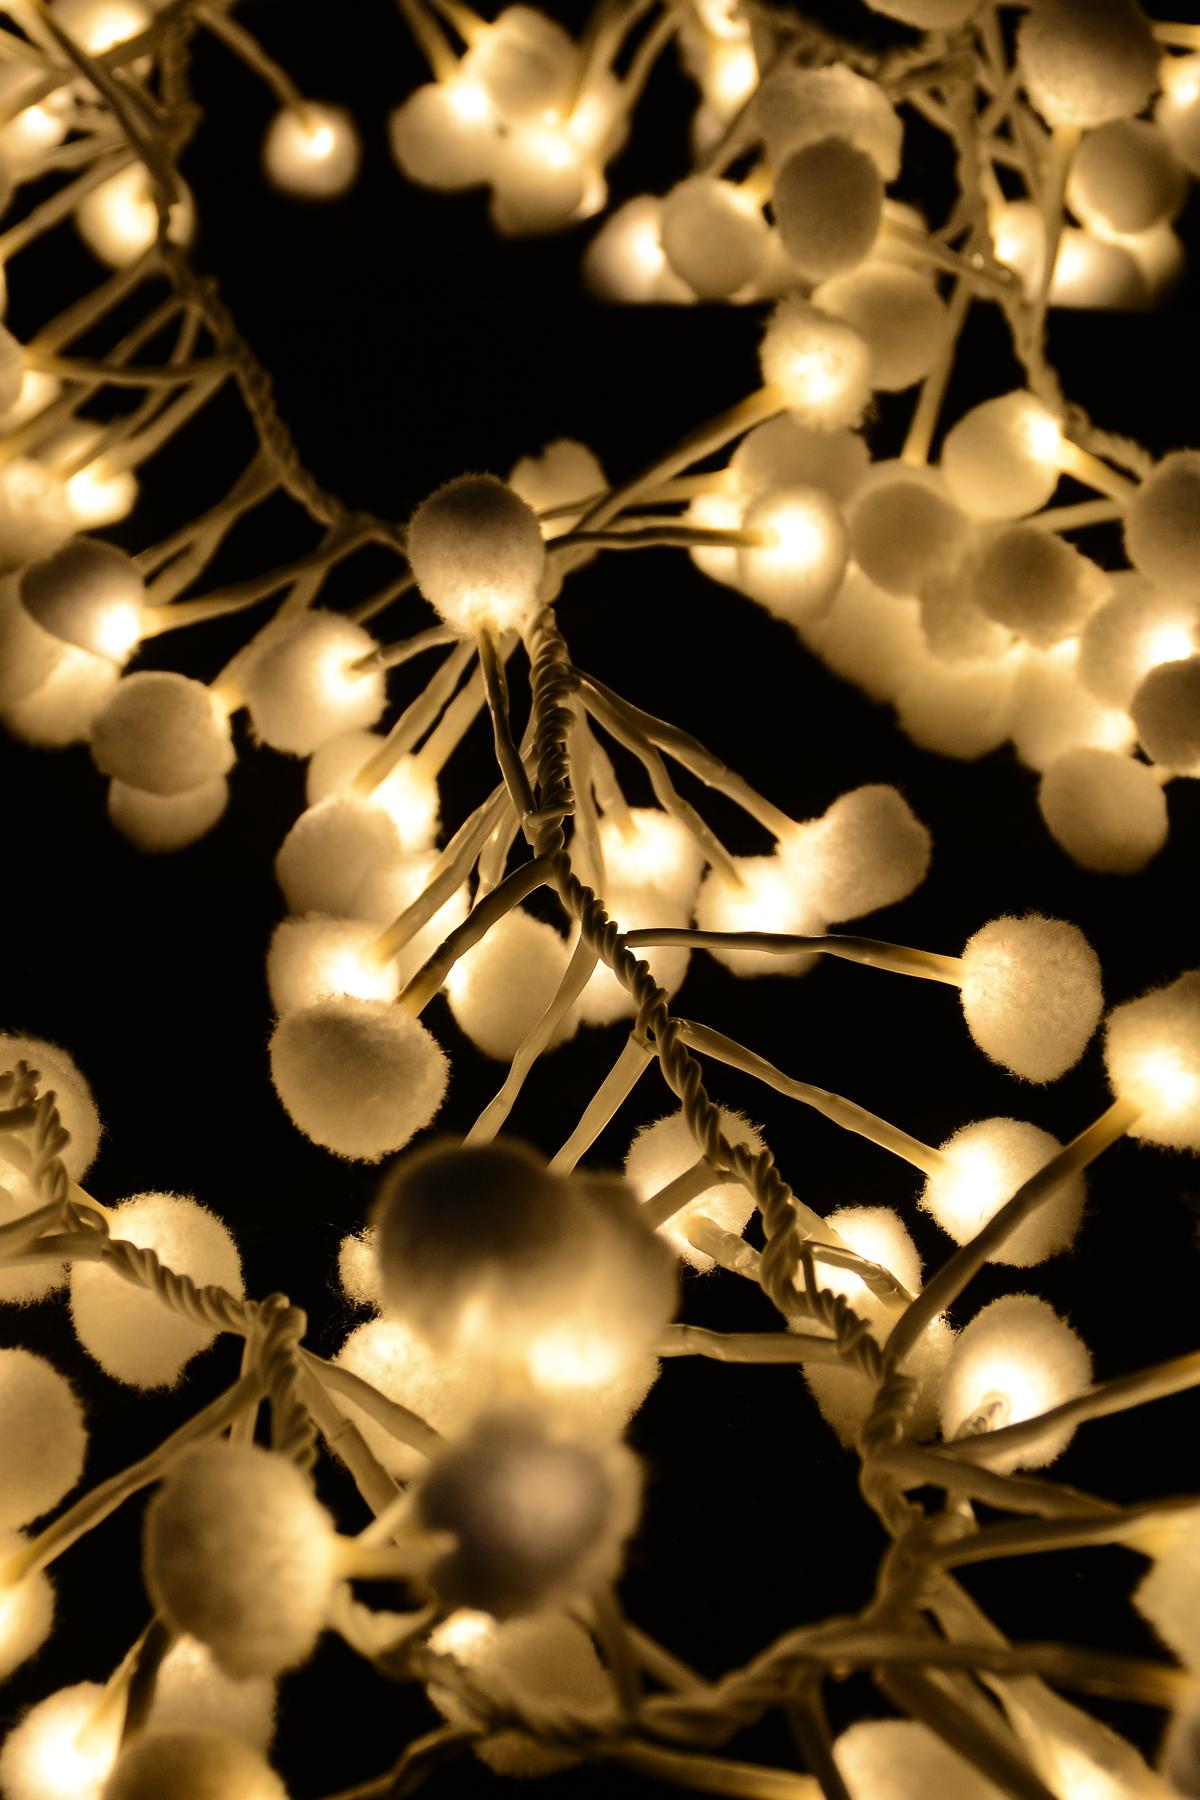 Гирлянда новогодняя электрическая Winter Wings Шары, 192 лампы, 4,8 м. N11286N11286Новогодняя электрическая гирлянда Winter Wings «Шары» украсит интерьер вашего дома или офиса в преддверии Нового года. Лампы выполнены в виде мягких шаров. Оригинальный дизайн и красочное исполнение создадут праздничное настроение. Откройте для себя удивительный мир сказок и грез. Почувствуйте волшебные минуты ожидания праздника, создайте новогоднее настроение вашим дорогим и близким. Материал: ПВХ, пластик, металл. Количество ламп: 192 шт. Мощность: 0,06 Вт Напряжение: 3 В Цвет кабеля: белый.